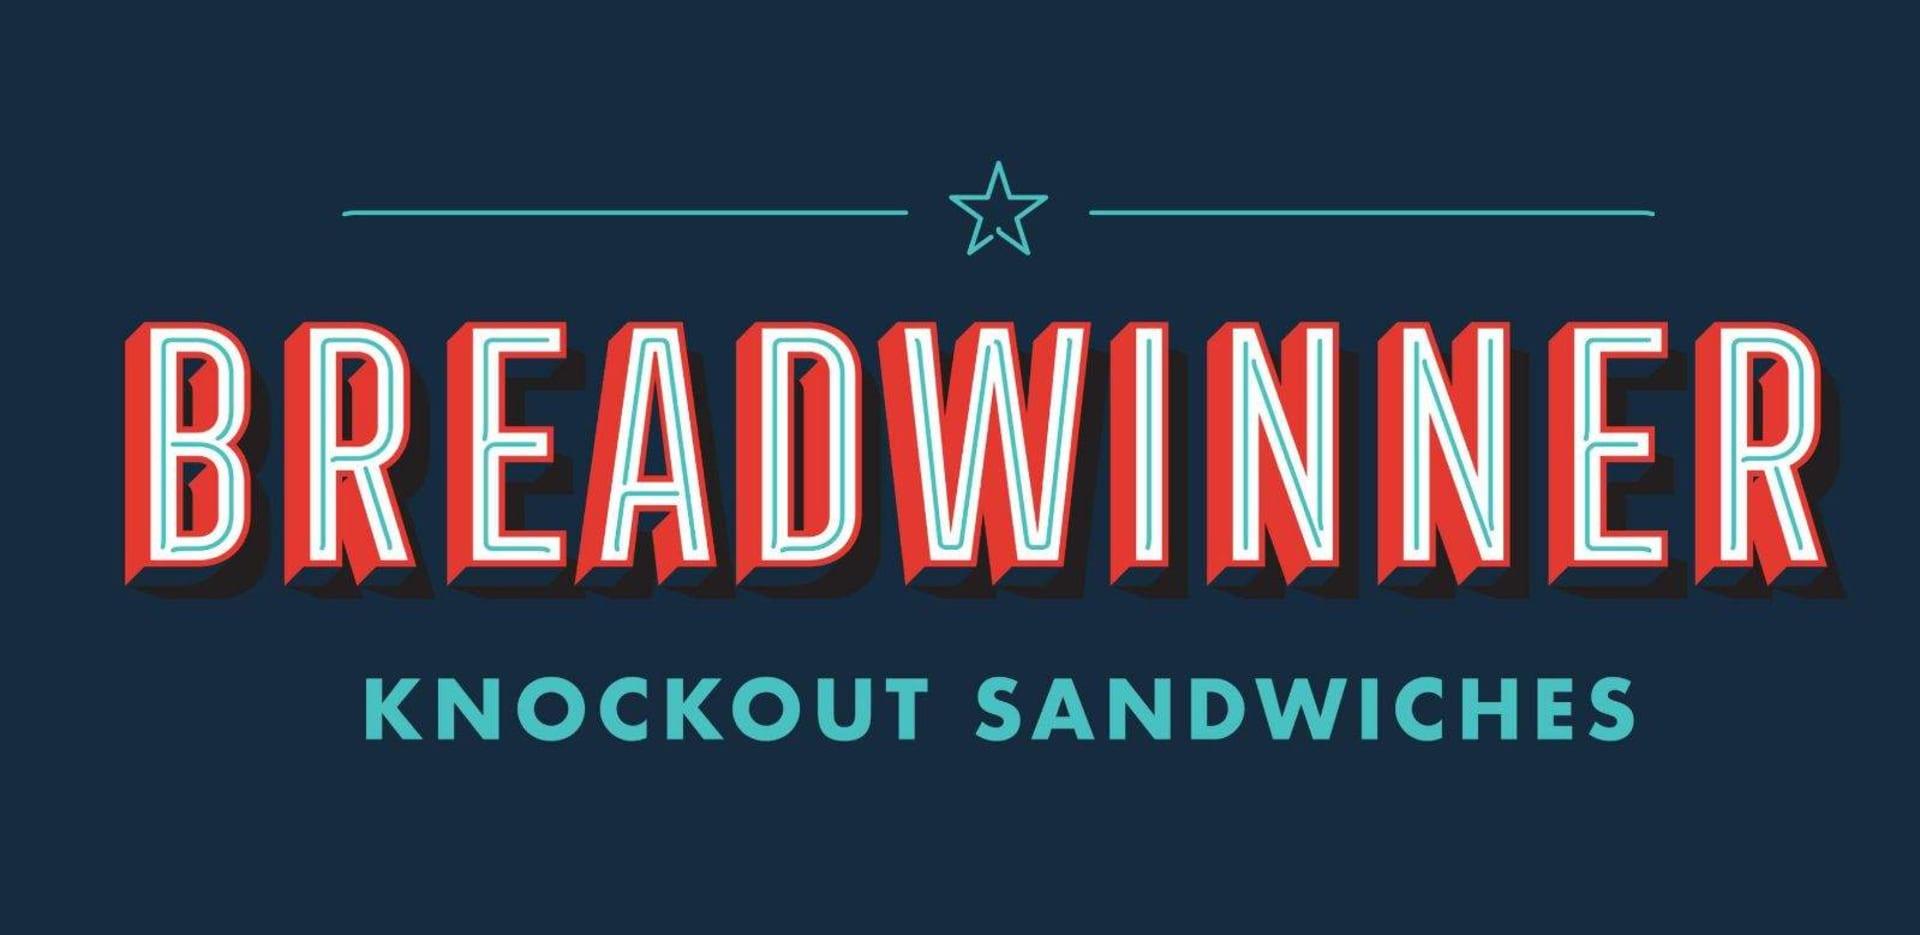 Breadwinner logo